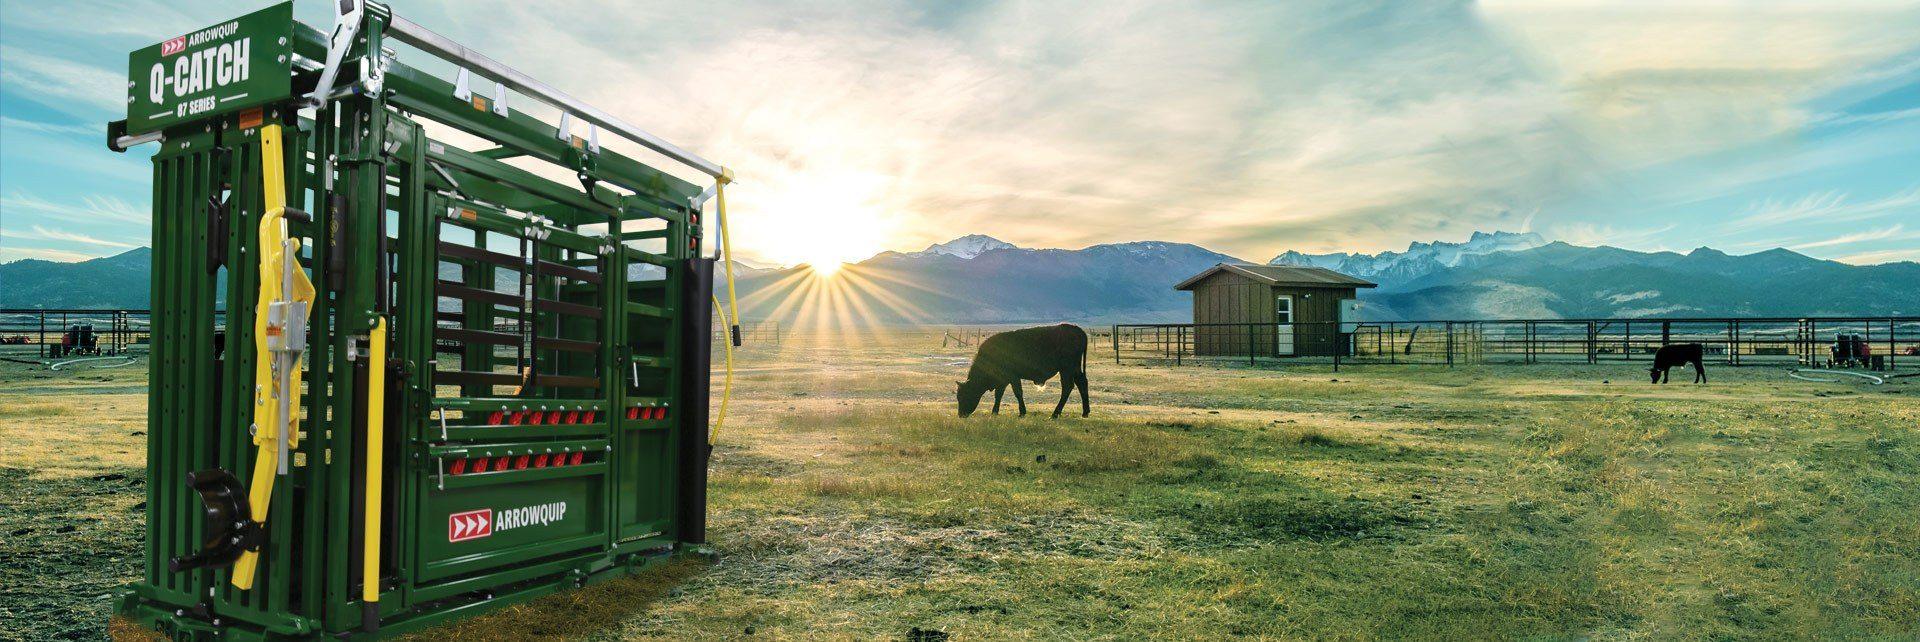 Cage de contention pour bovins à parois autoserrantes de la série Q-Catch 87 par Arrowquip